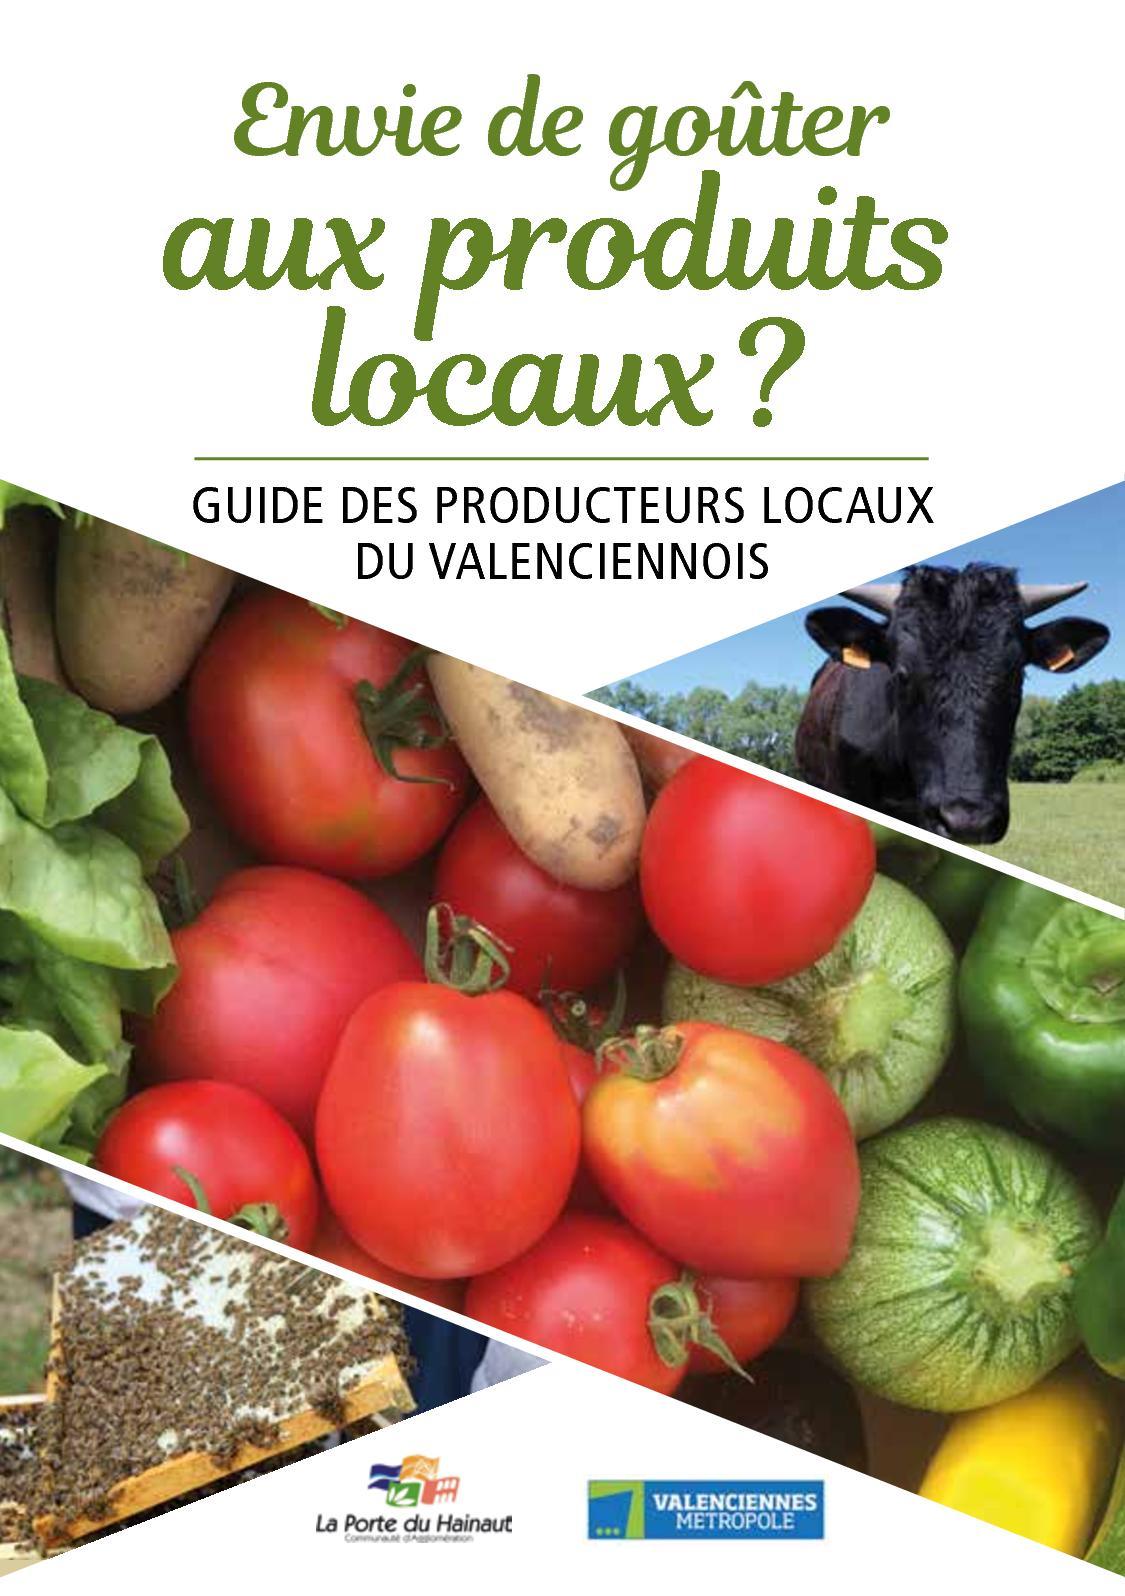 e306d2af69b Calaméo - Guide des producteurs locaux du Valenciennois